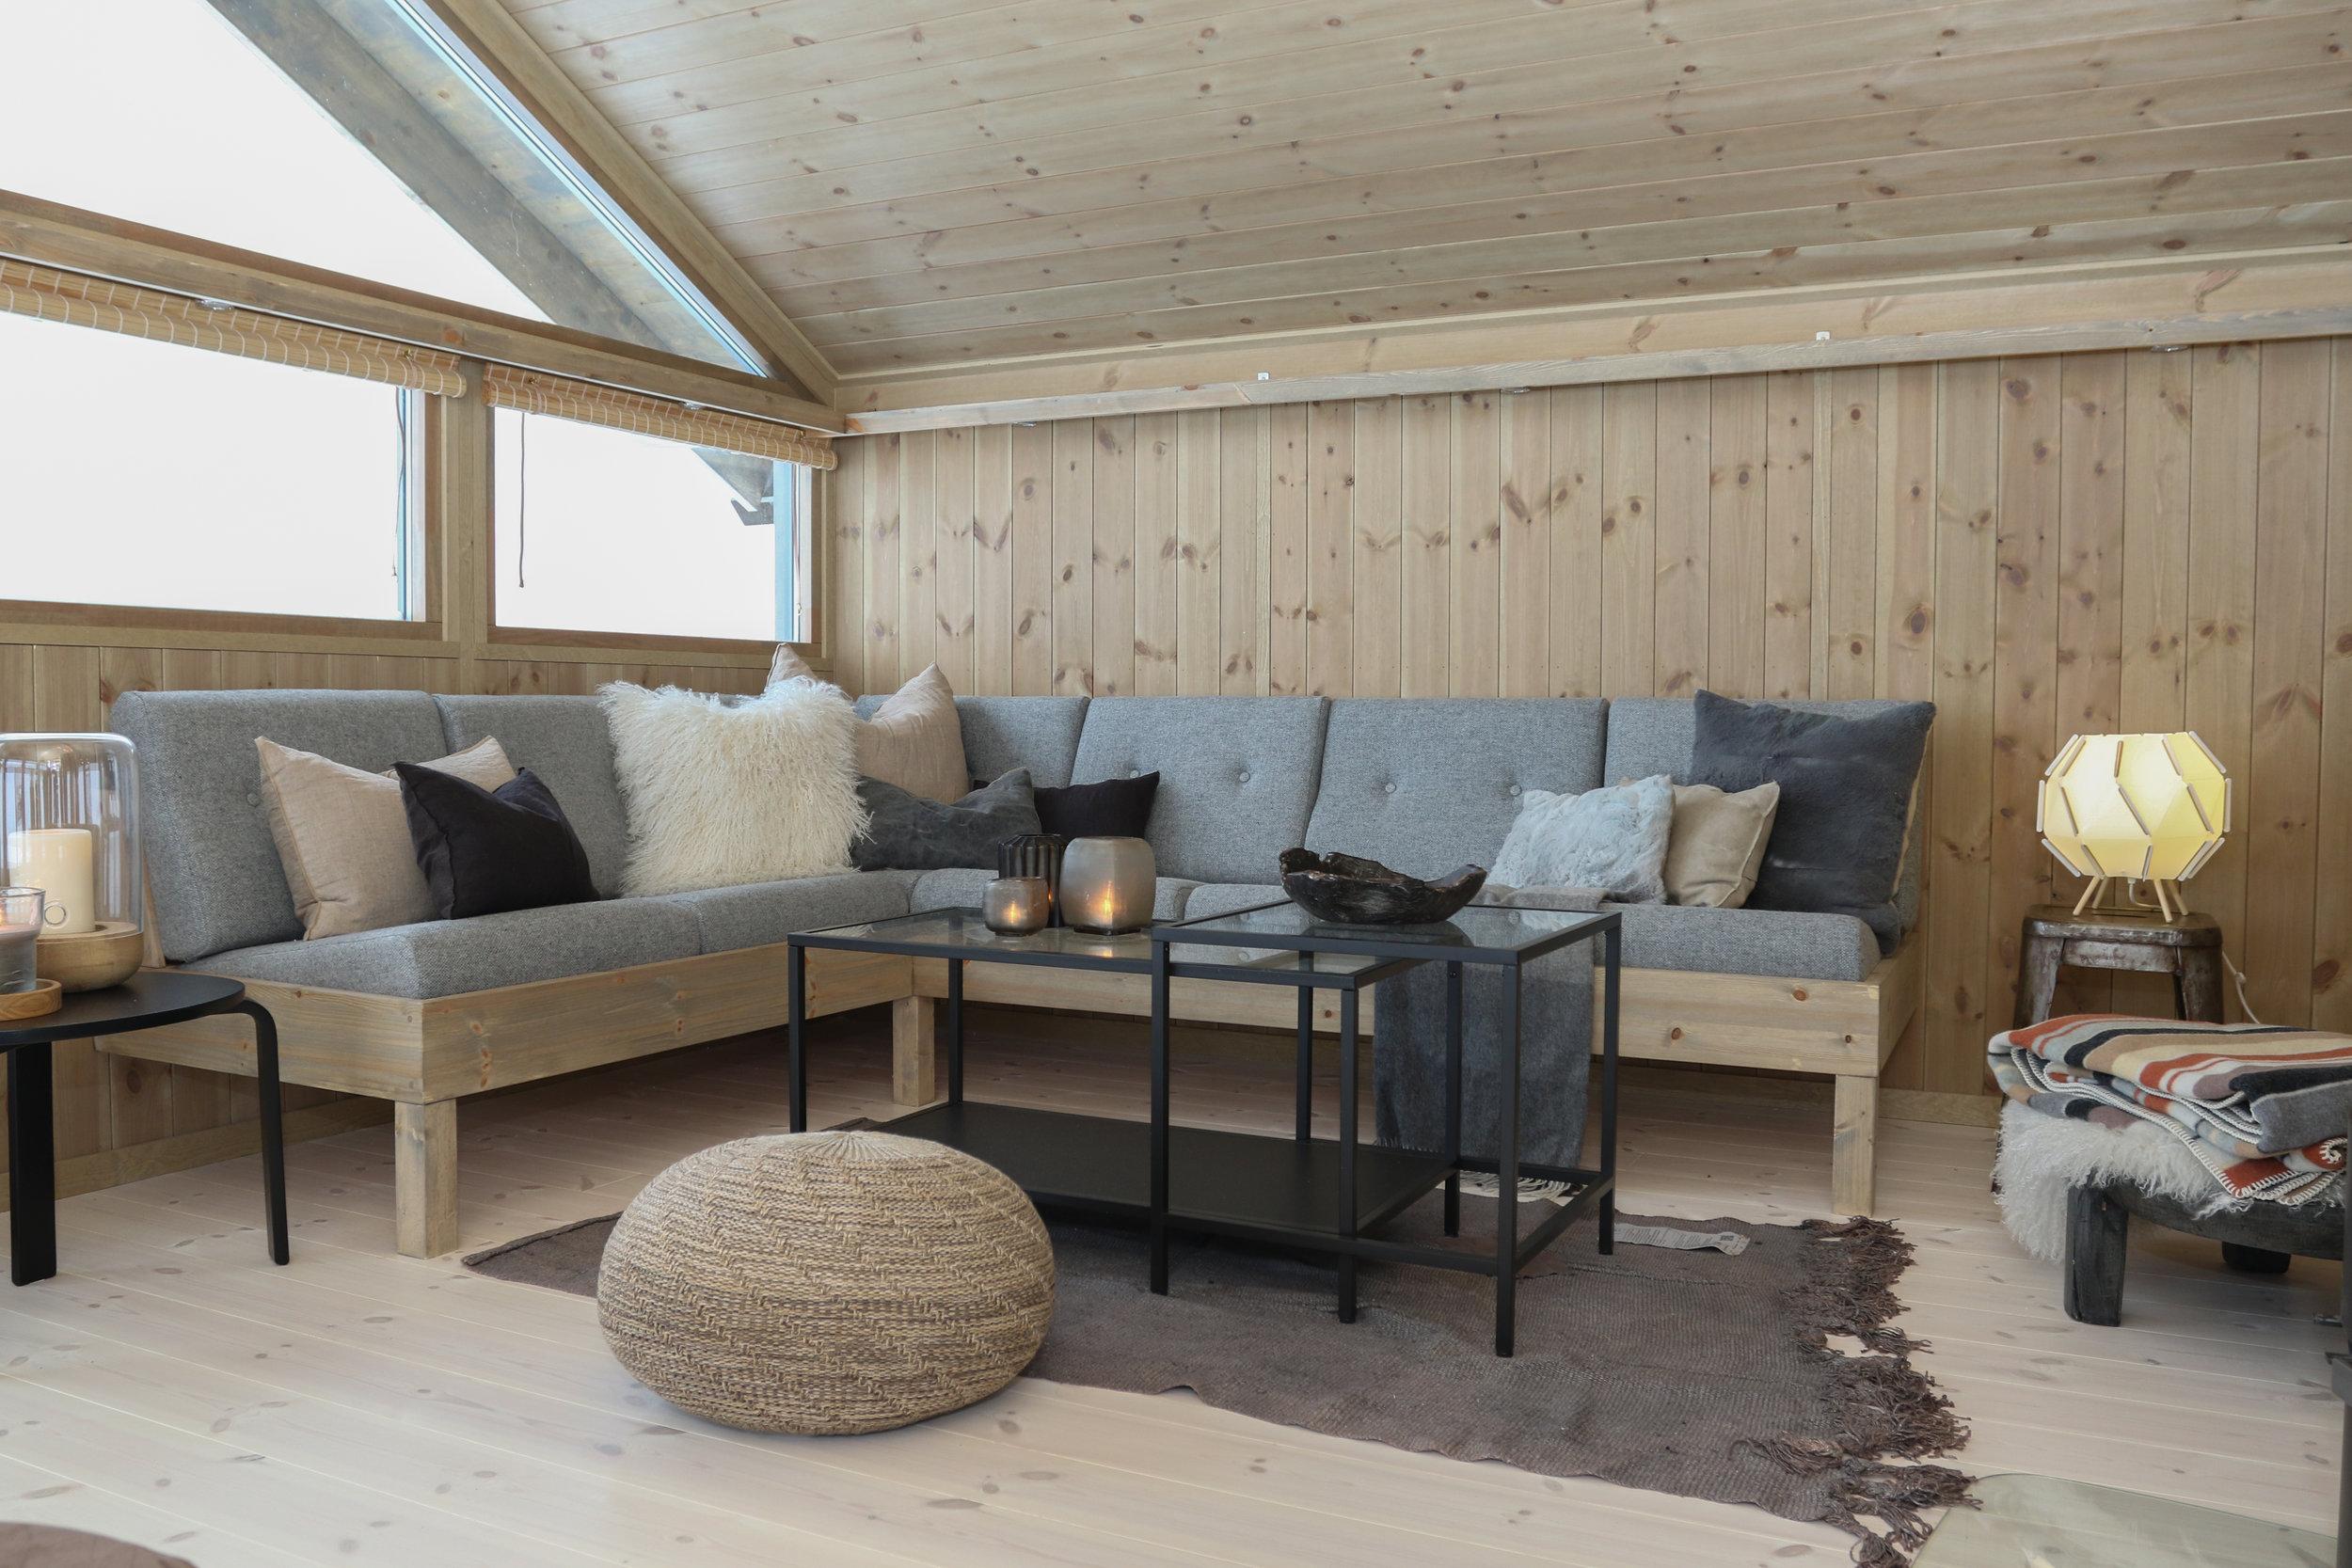 Tubbegarden Hedalen i Valdres-7.jpg